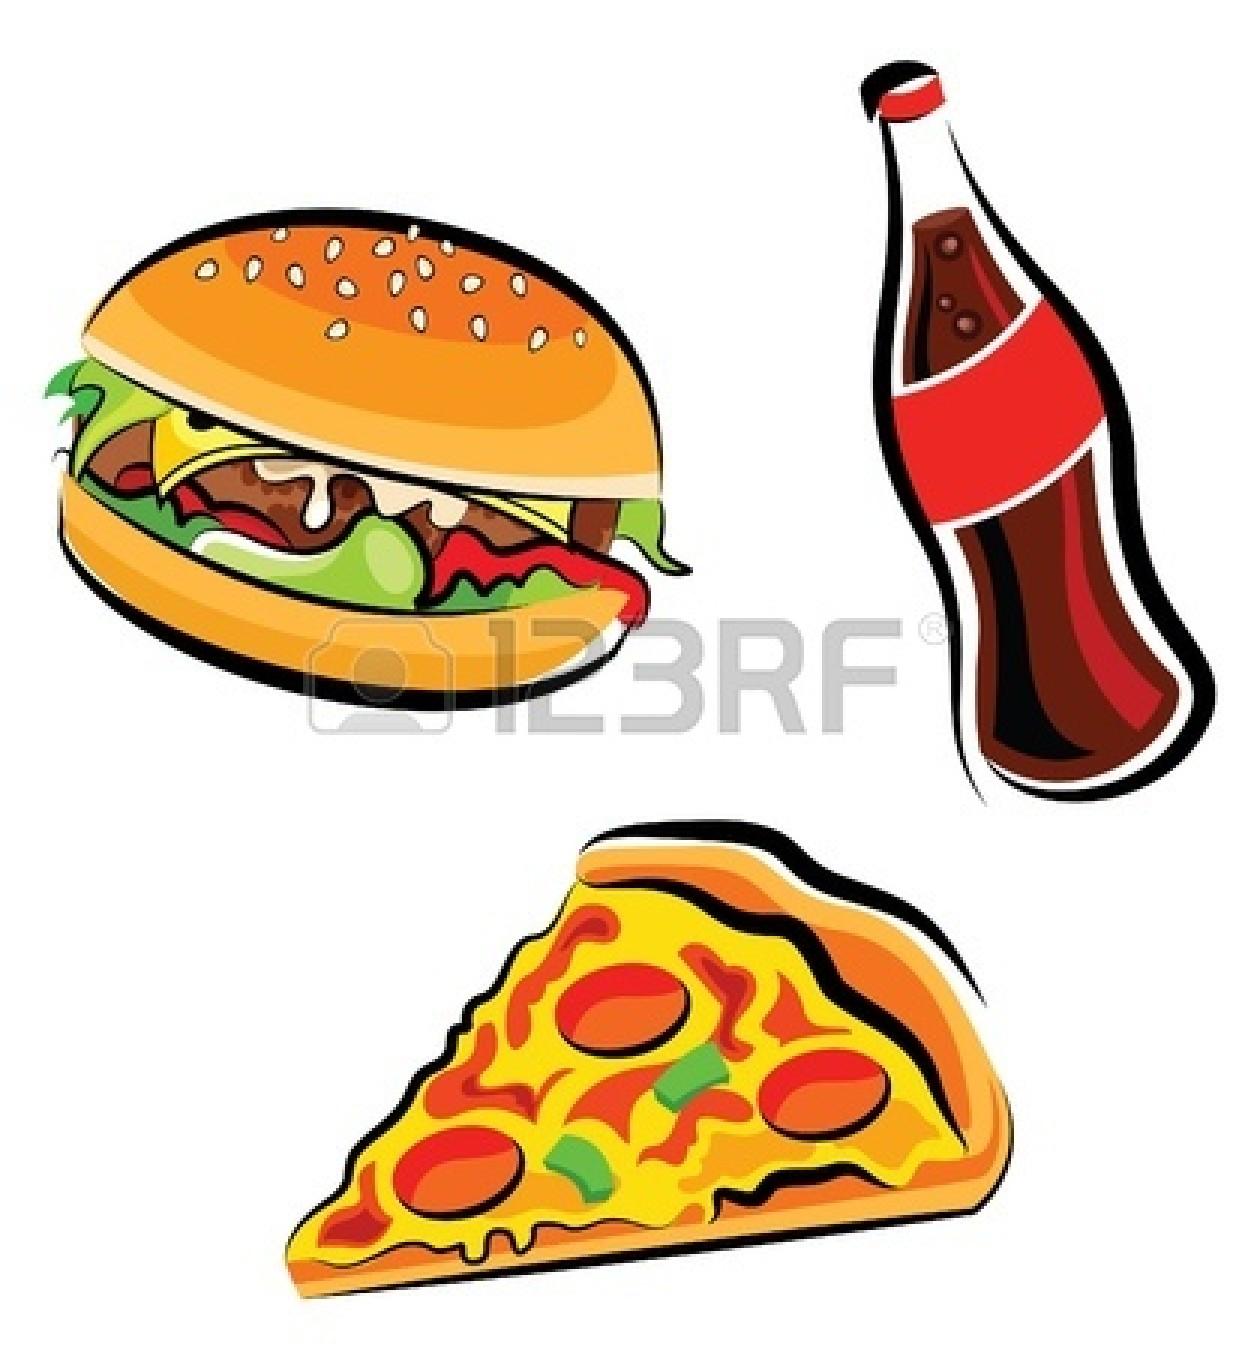 Healthy food vs junk food clipart vector black and white download Junk Food Vs Healthy Food | Clipart Panda - Free Clipart Images vector black and white download